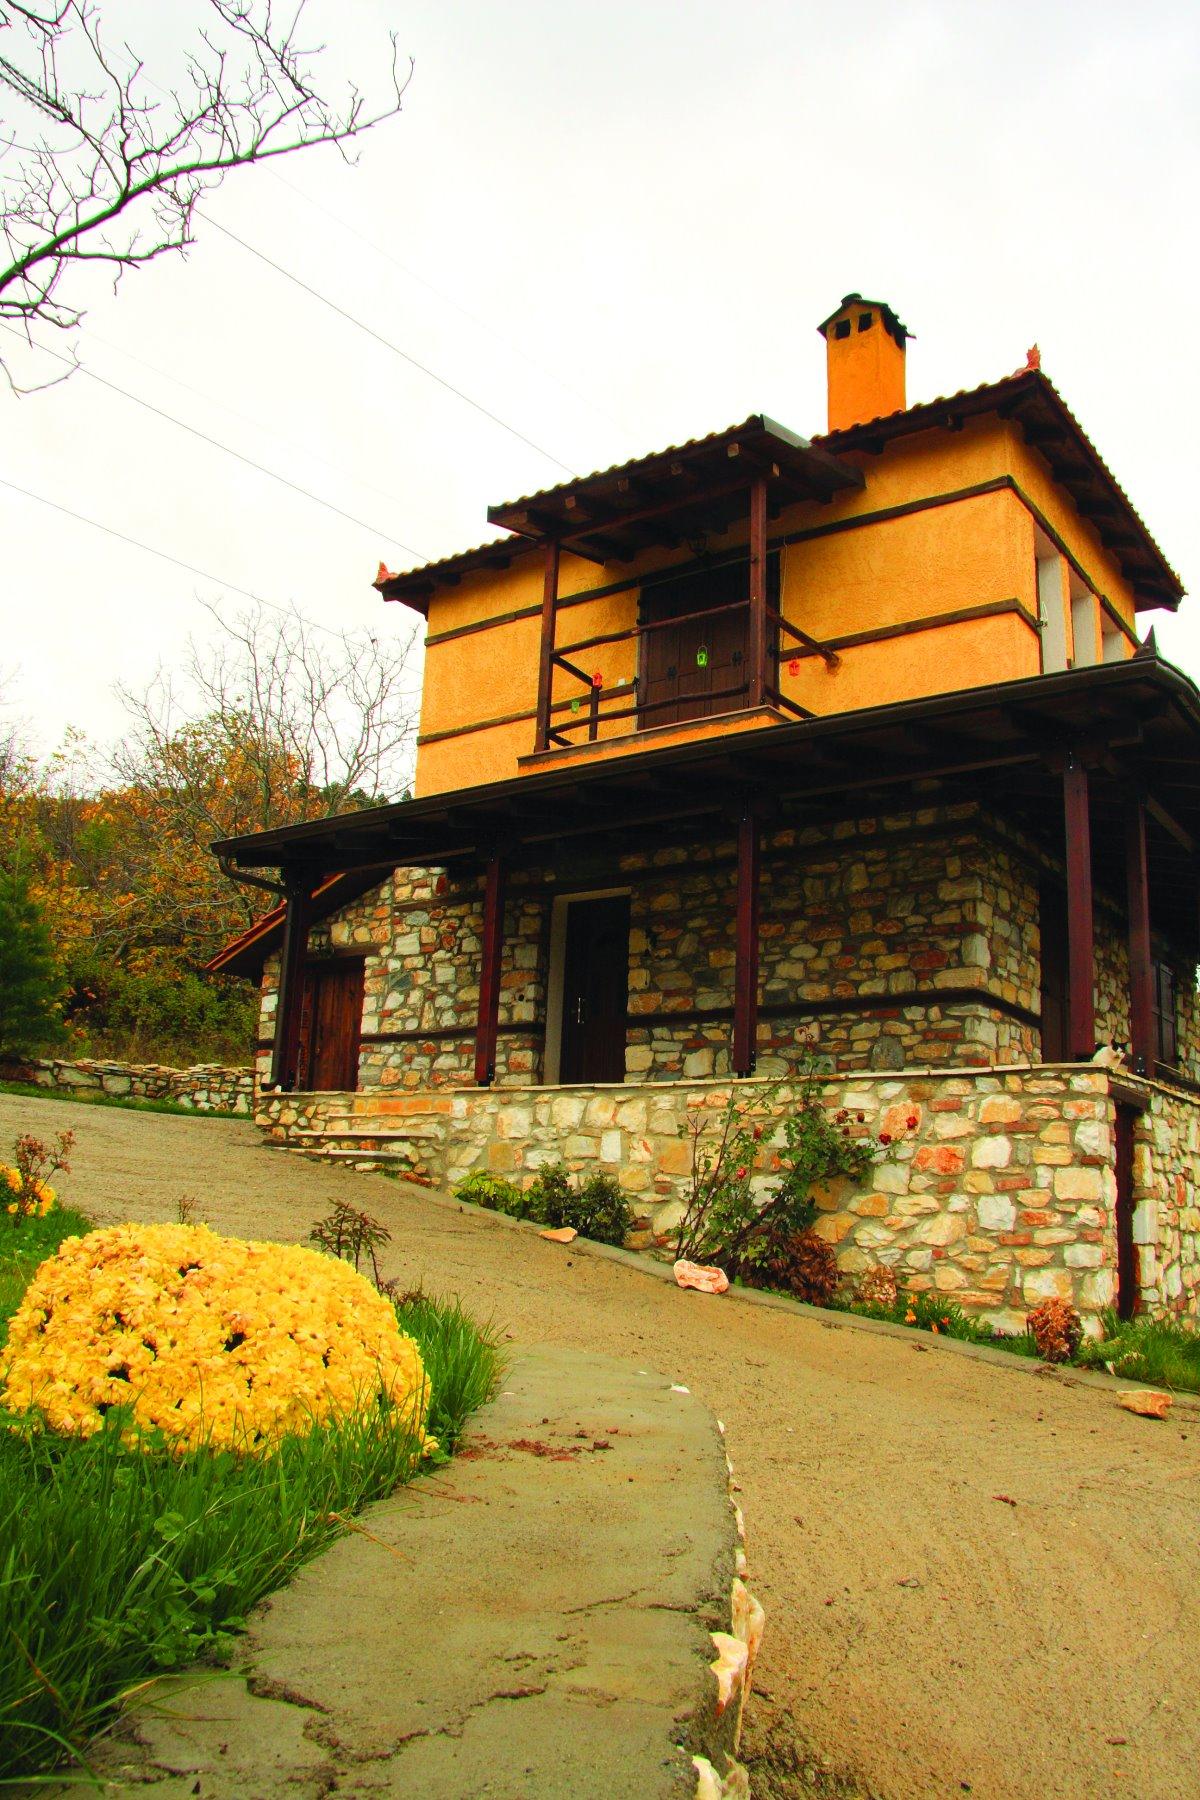 Ελατοχώρι Πιερίας παραδοσιακό σπίτι με λουλούδια στον κήπο